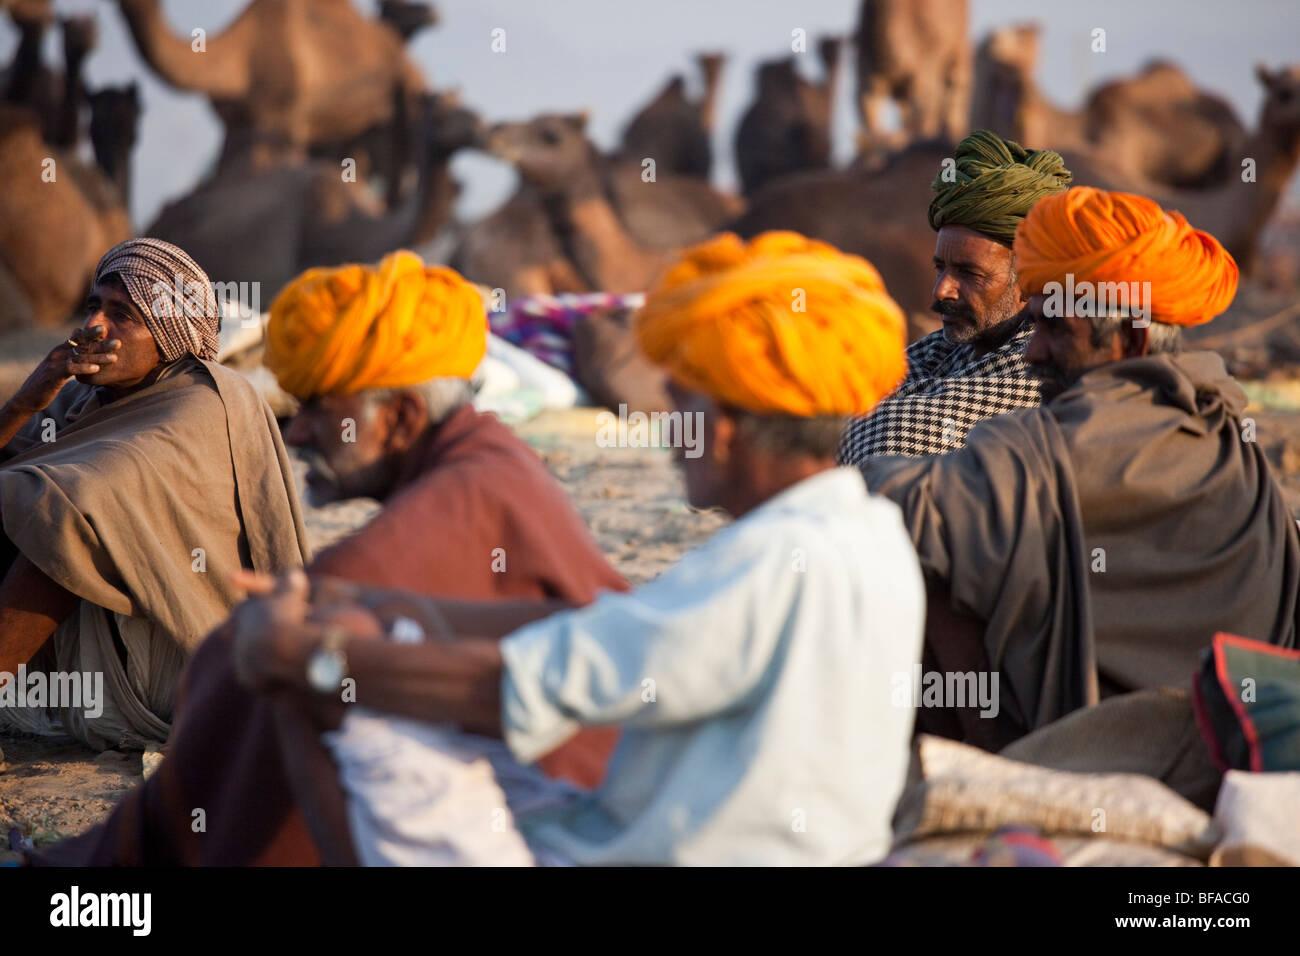 Rajput uomini al Camel Fair in Pushkar India Immagini Stock